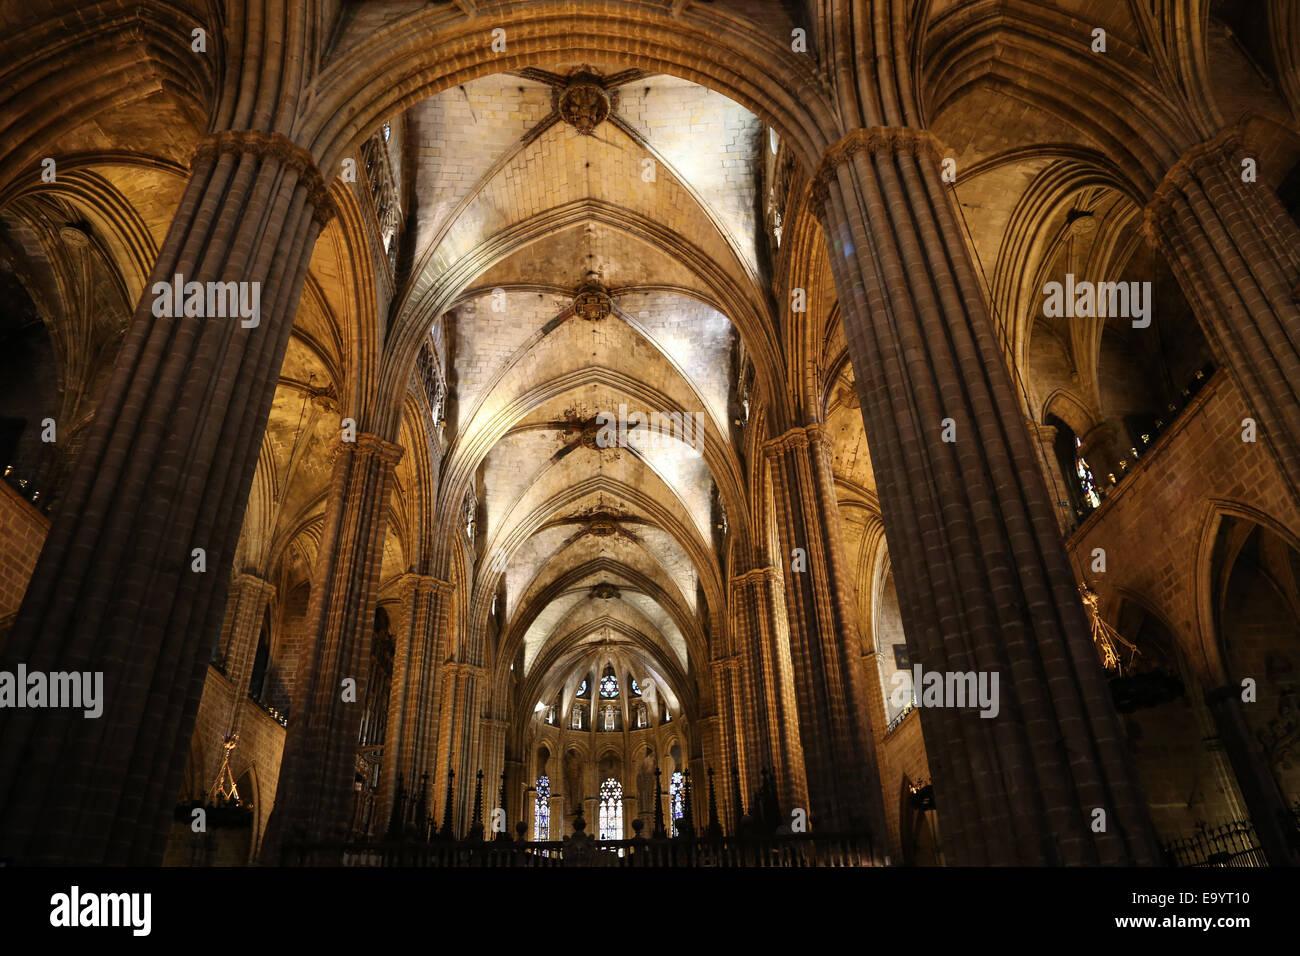 L'Espagne. La Catalogne. La Cathédrale de Barcelone. À l'intérieur. 13e siècle. Photo Stock